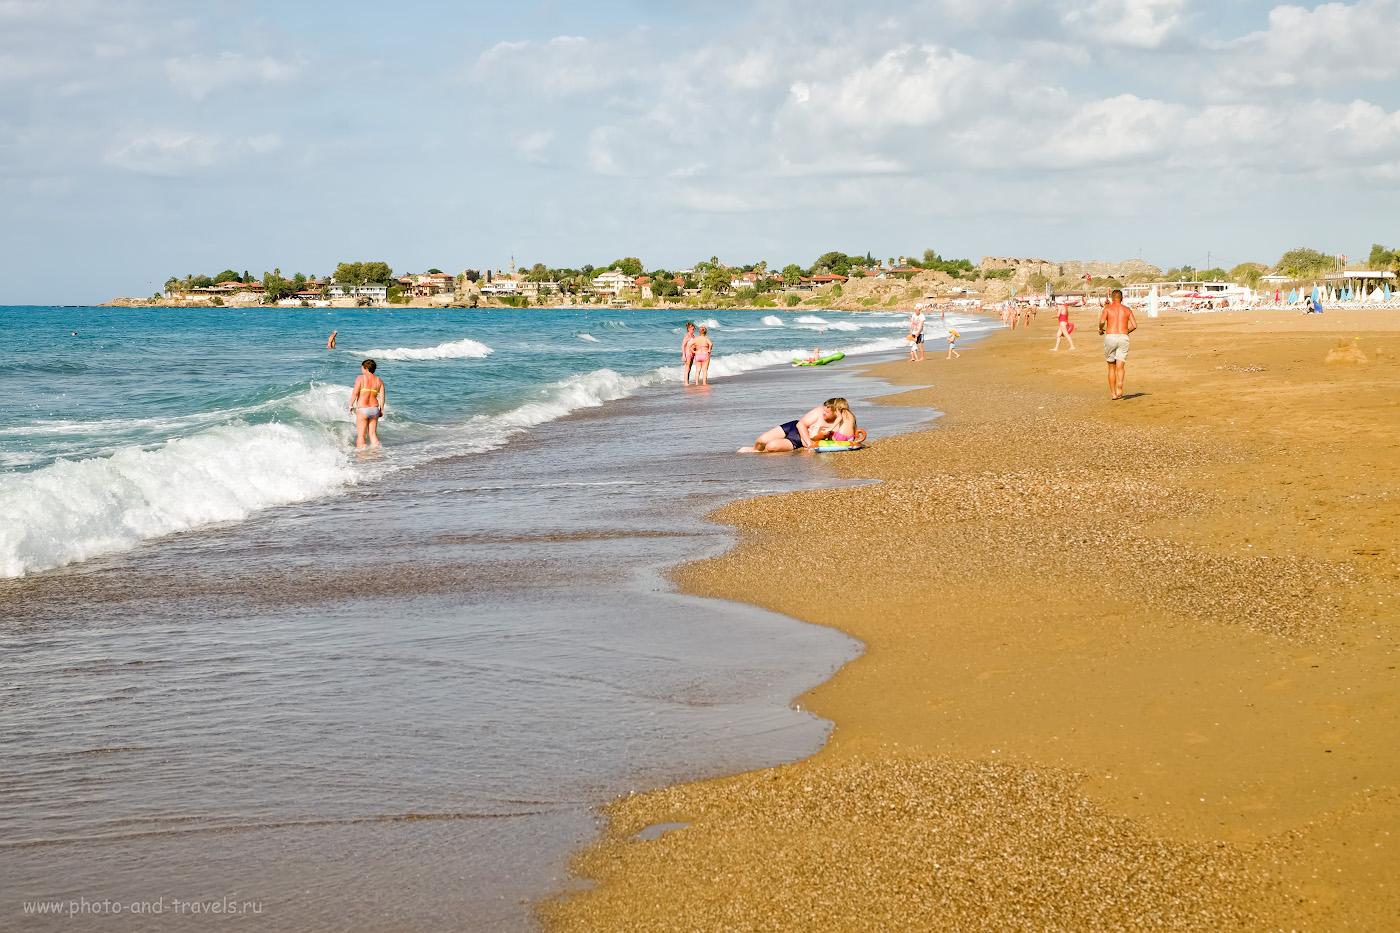 29. Так выглядит Восточный пляж в Сиде. 1/400, 8.0, 200, +0.67, 38.